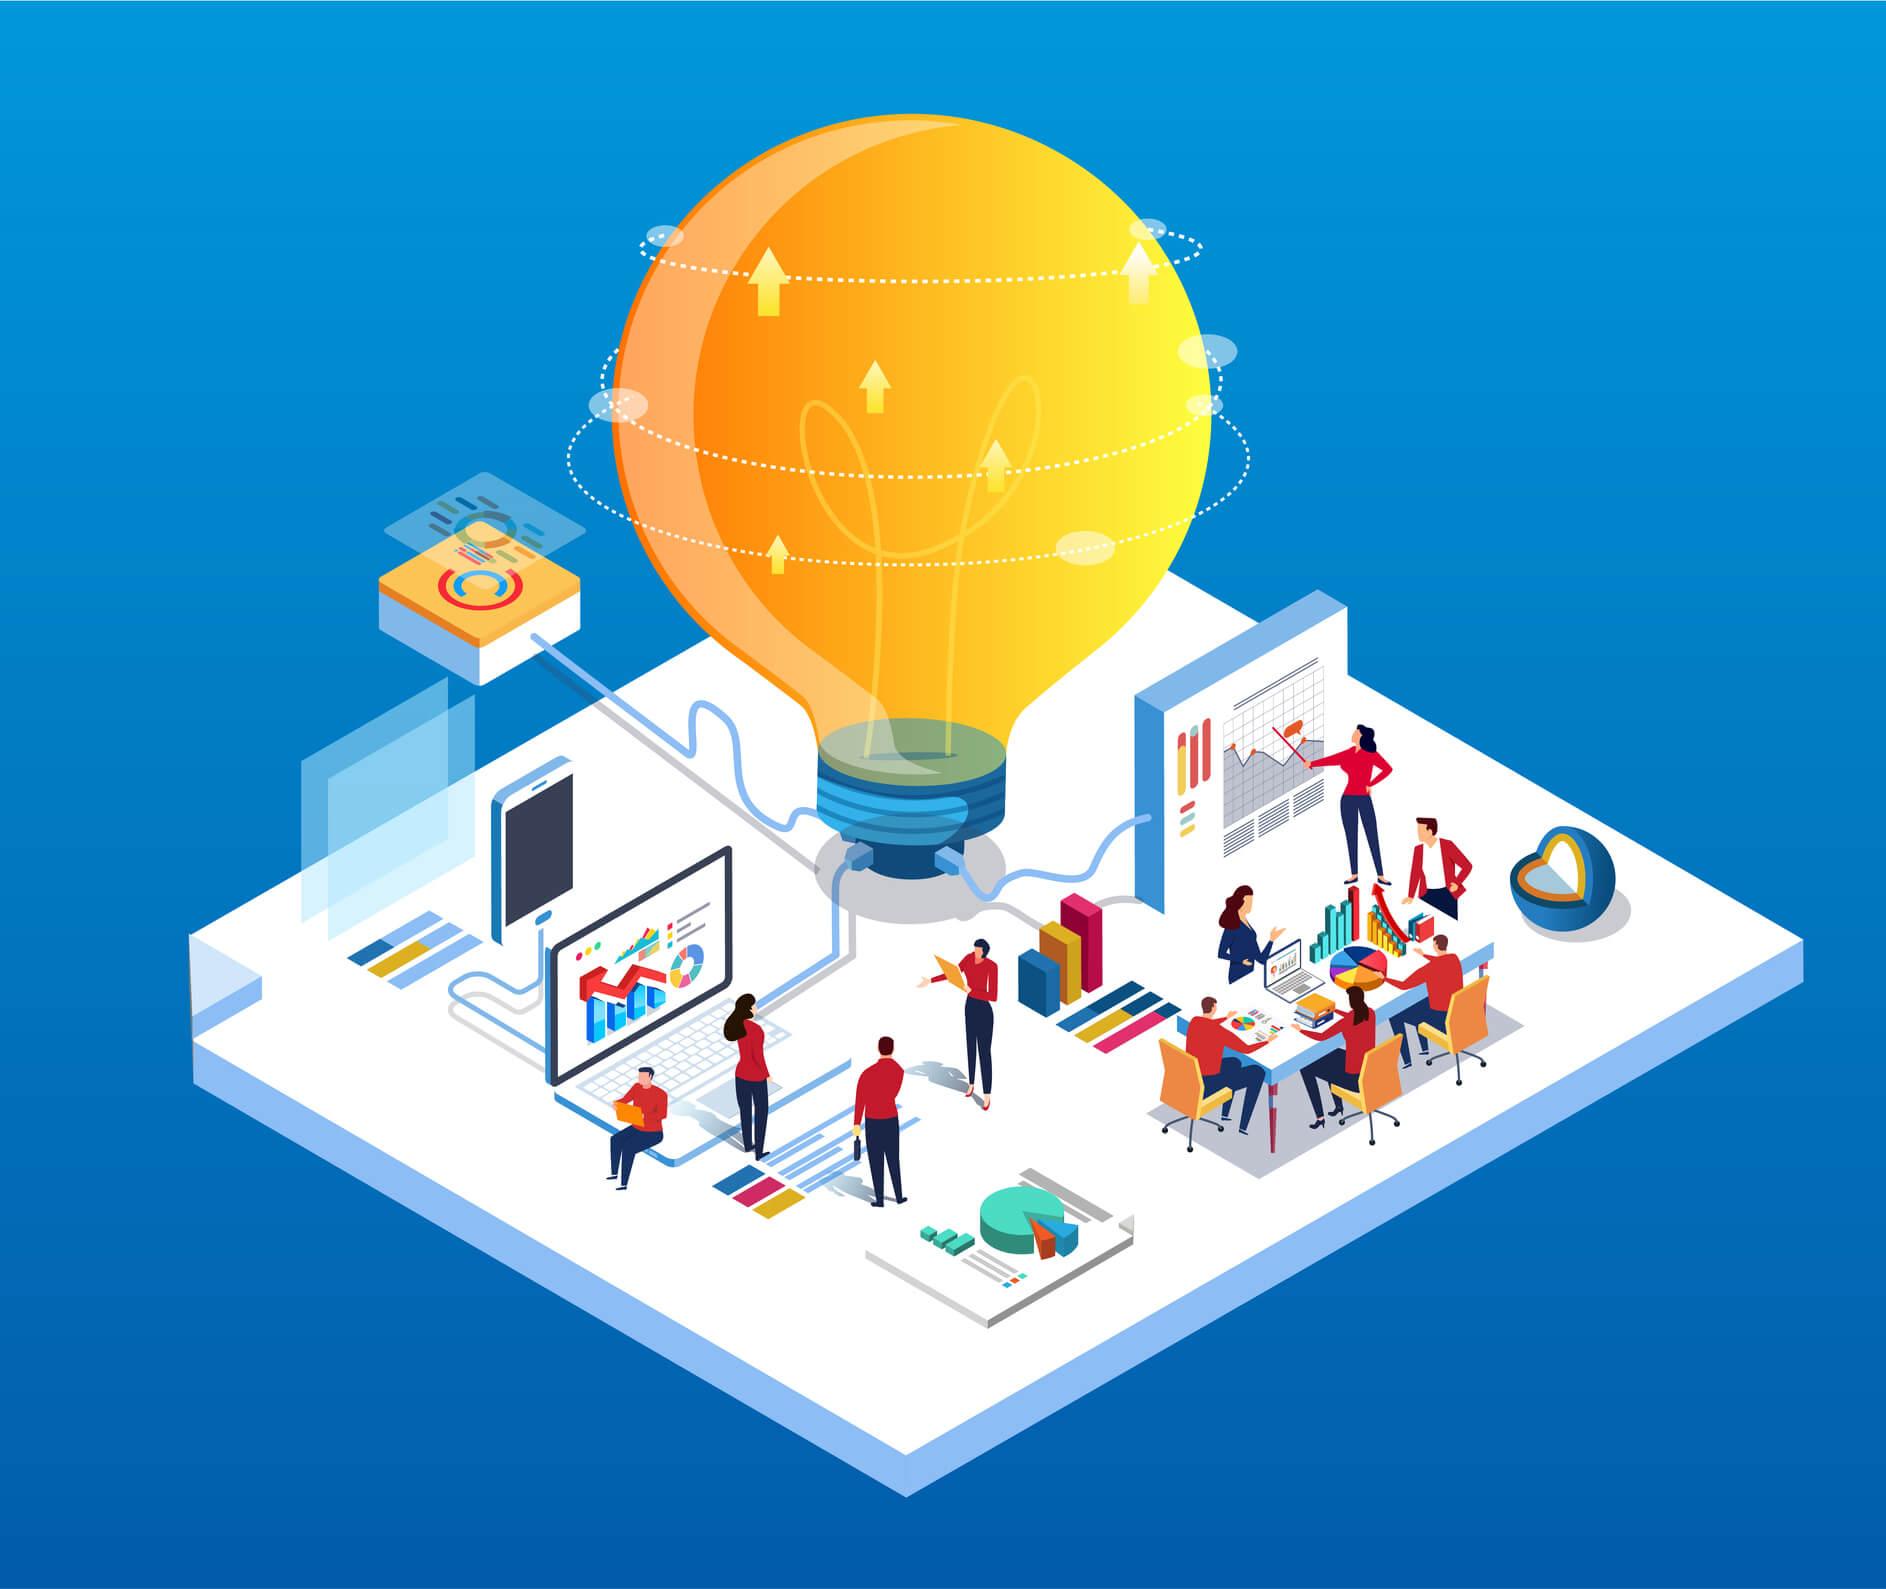 A Importância Da Tecnologia E Inovação Para As Empresas